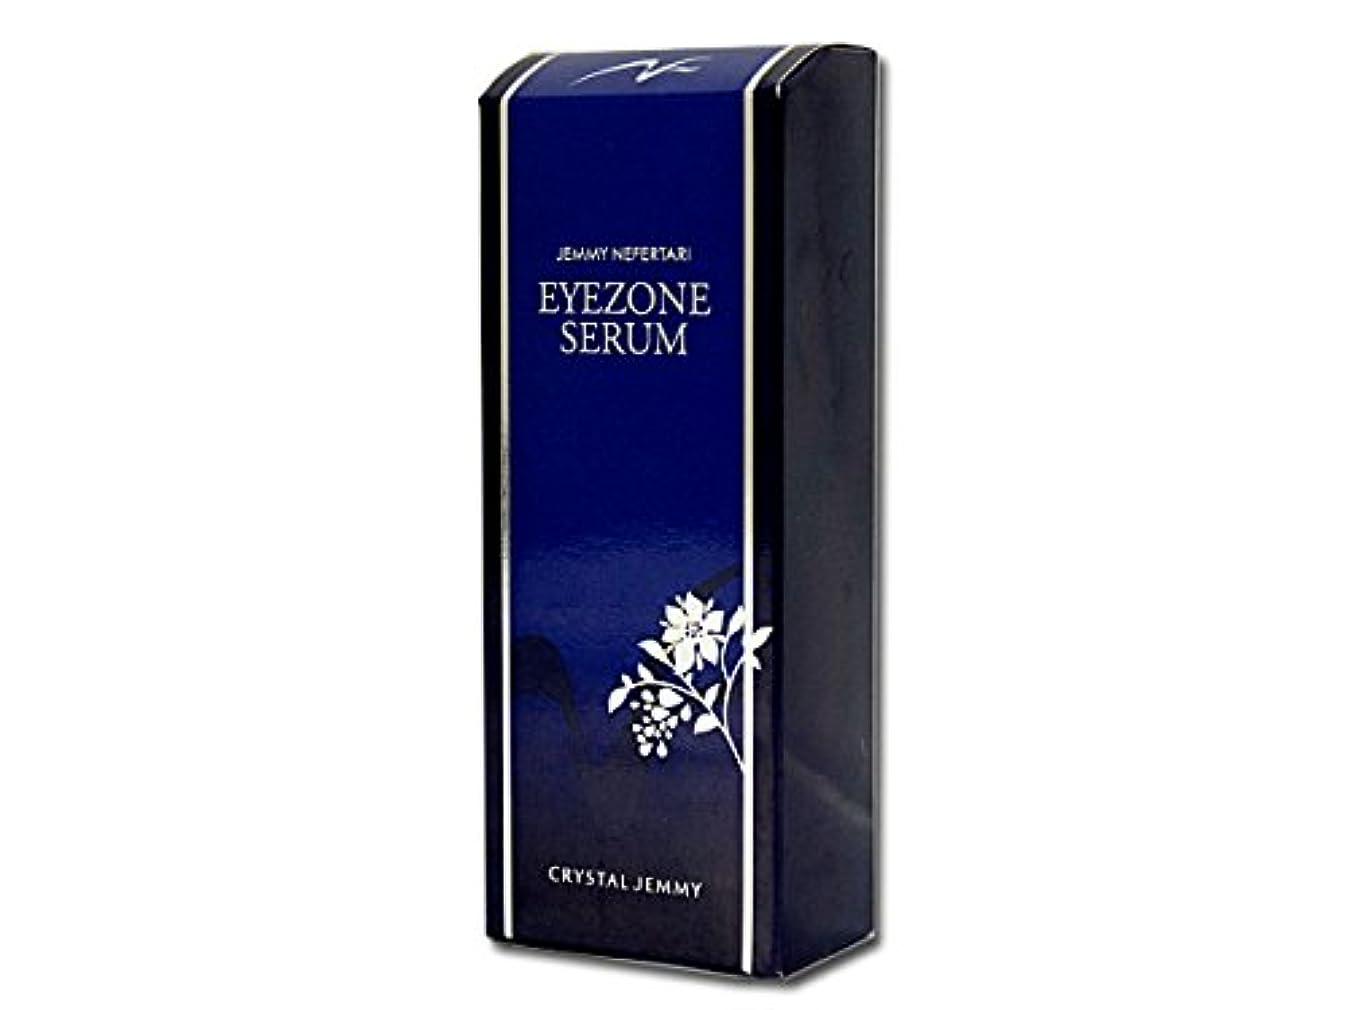 やがてリッチささいなクリスタルジェミー ジェミーネフェルタリ アイゾーンセラム 25g 美容液 目元 チェンジ 中島香里